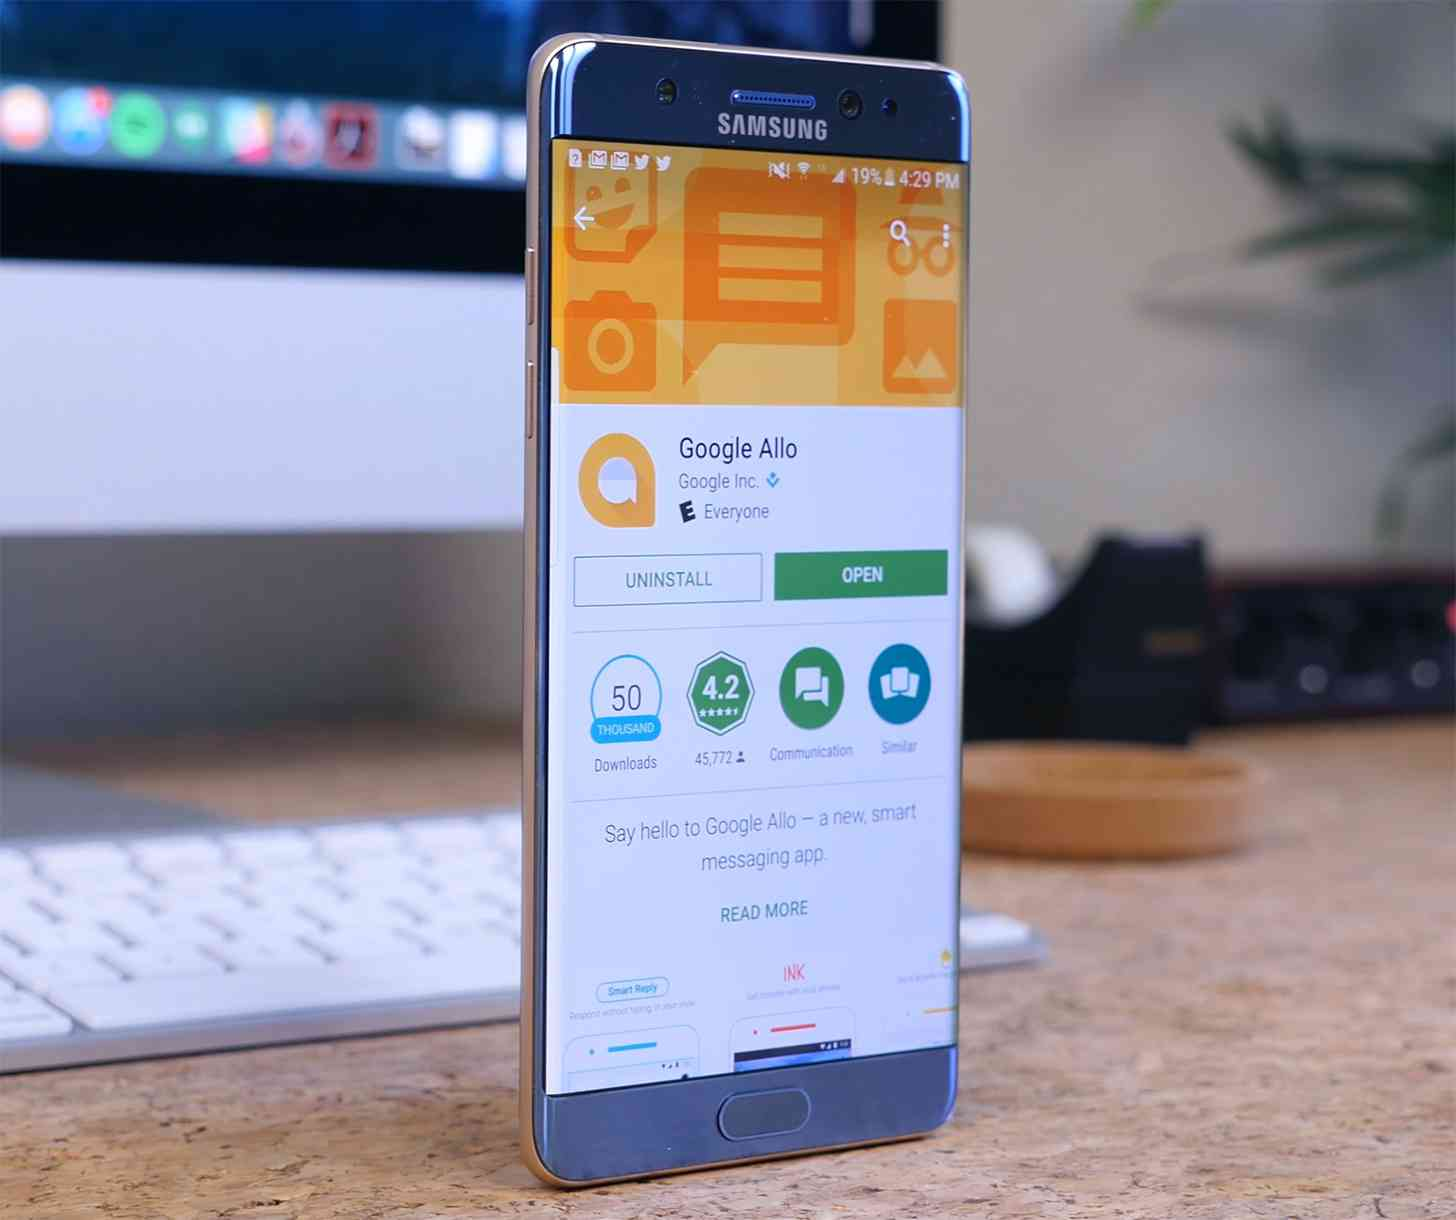 Google Allo Android app